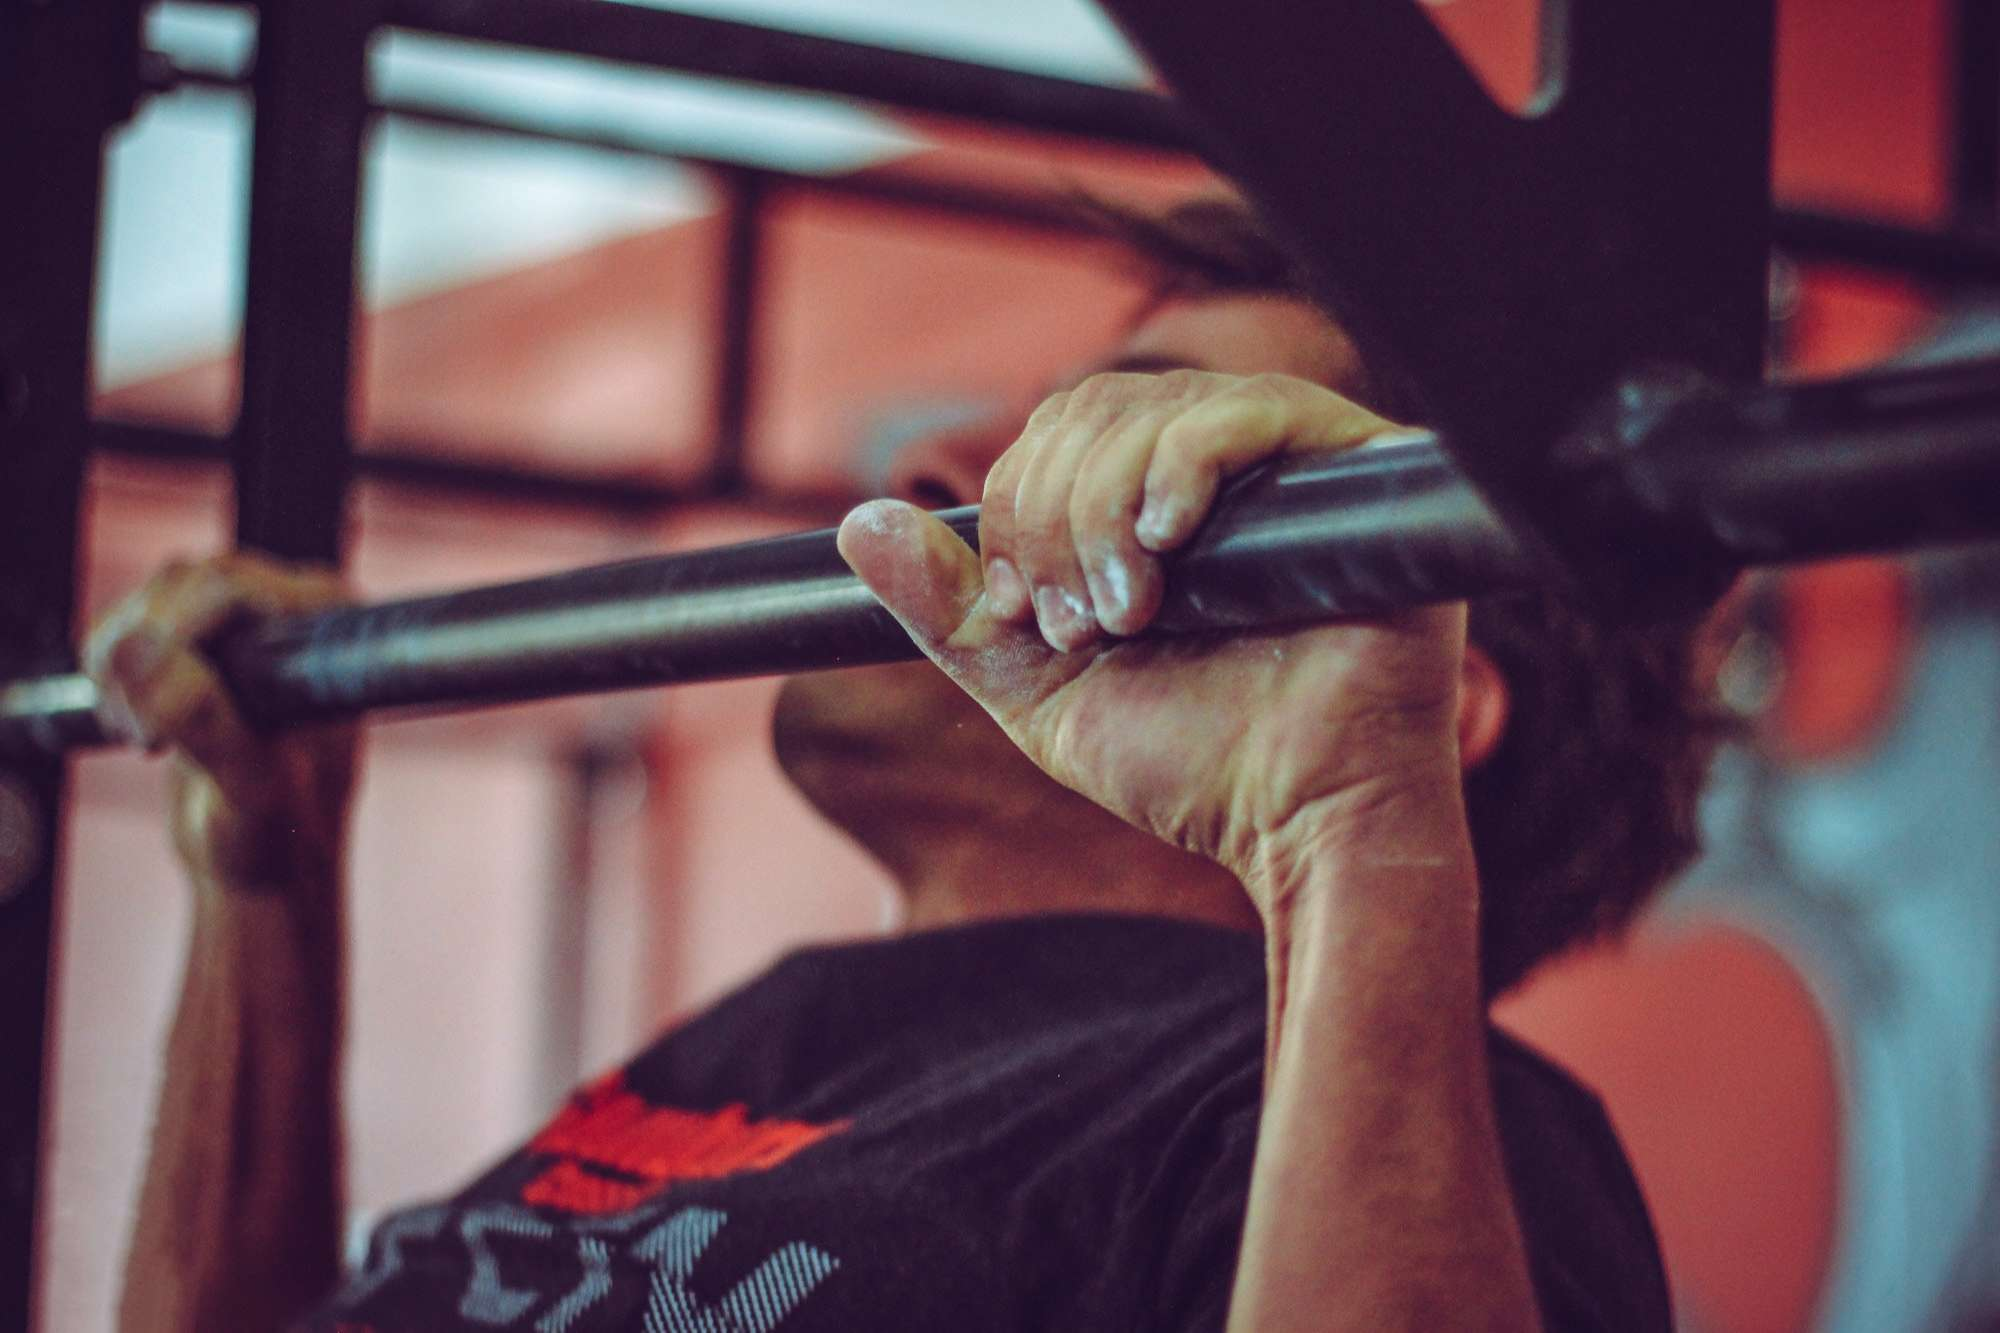 Travailler le dos au poids de corps